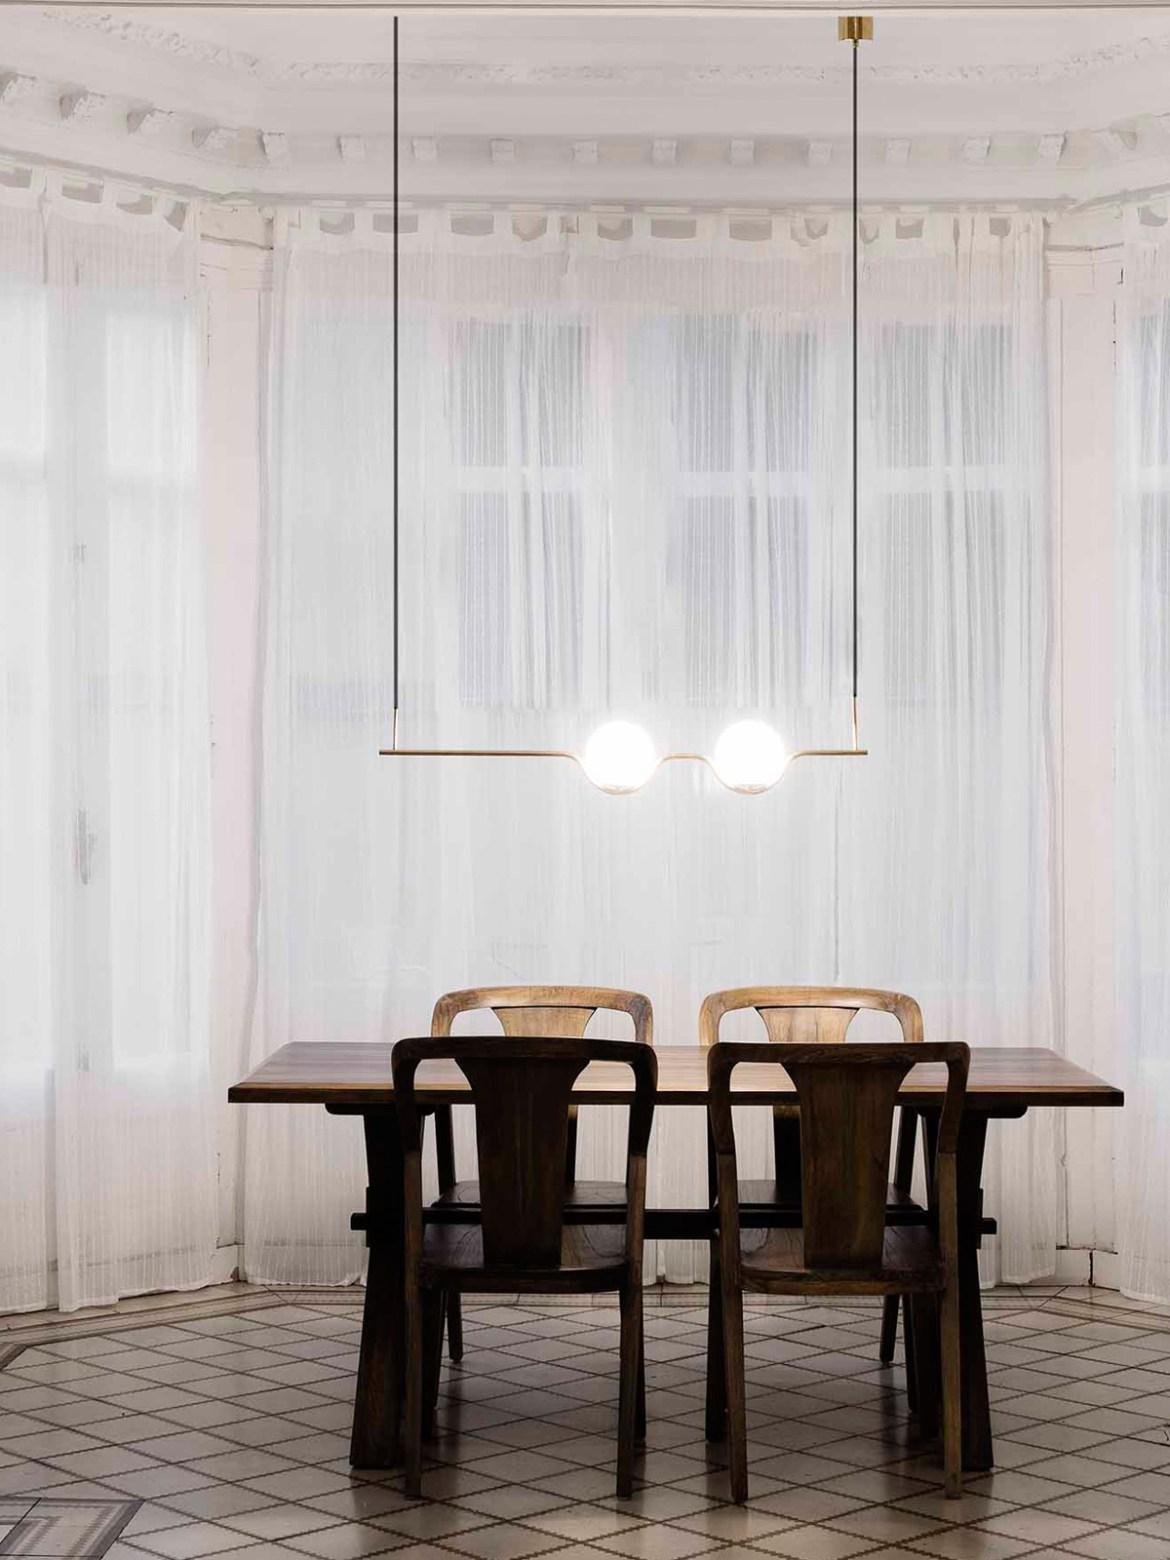 DesignOrt Blog Zweiflammige Pendelleuchte in Gold und Opalglas Faro Barcelona